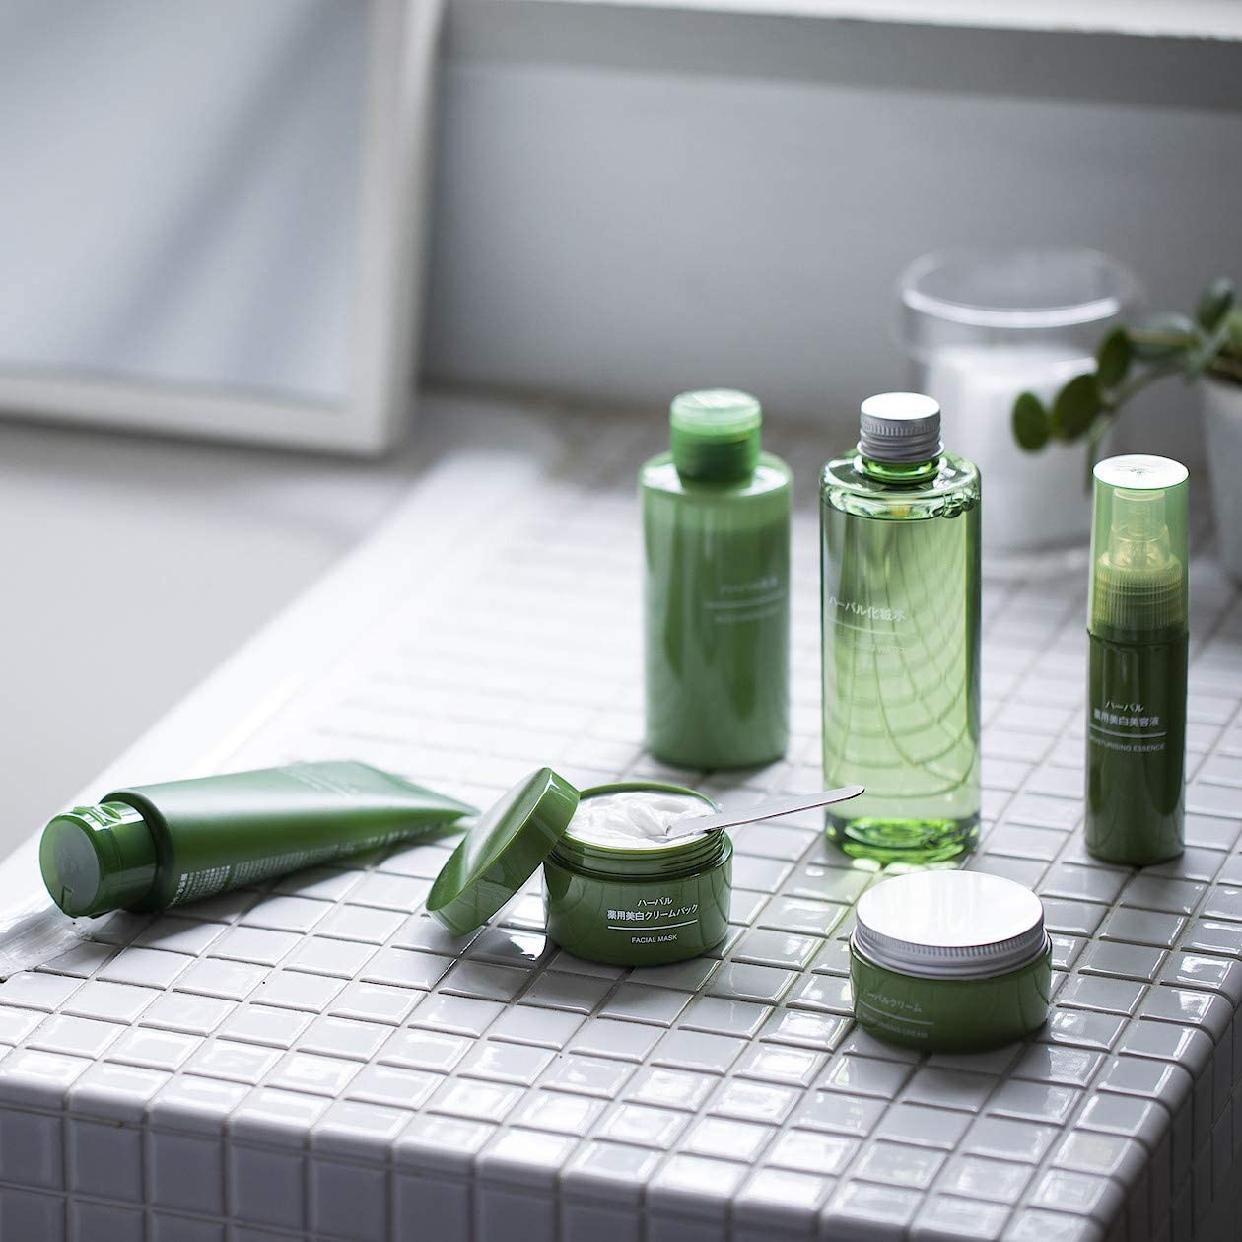 無印良品(MUJI) ハーバル化粧水の商品画像3